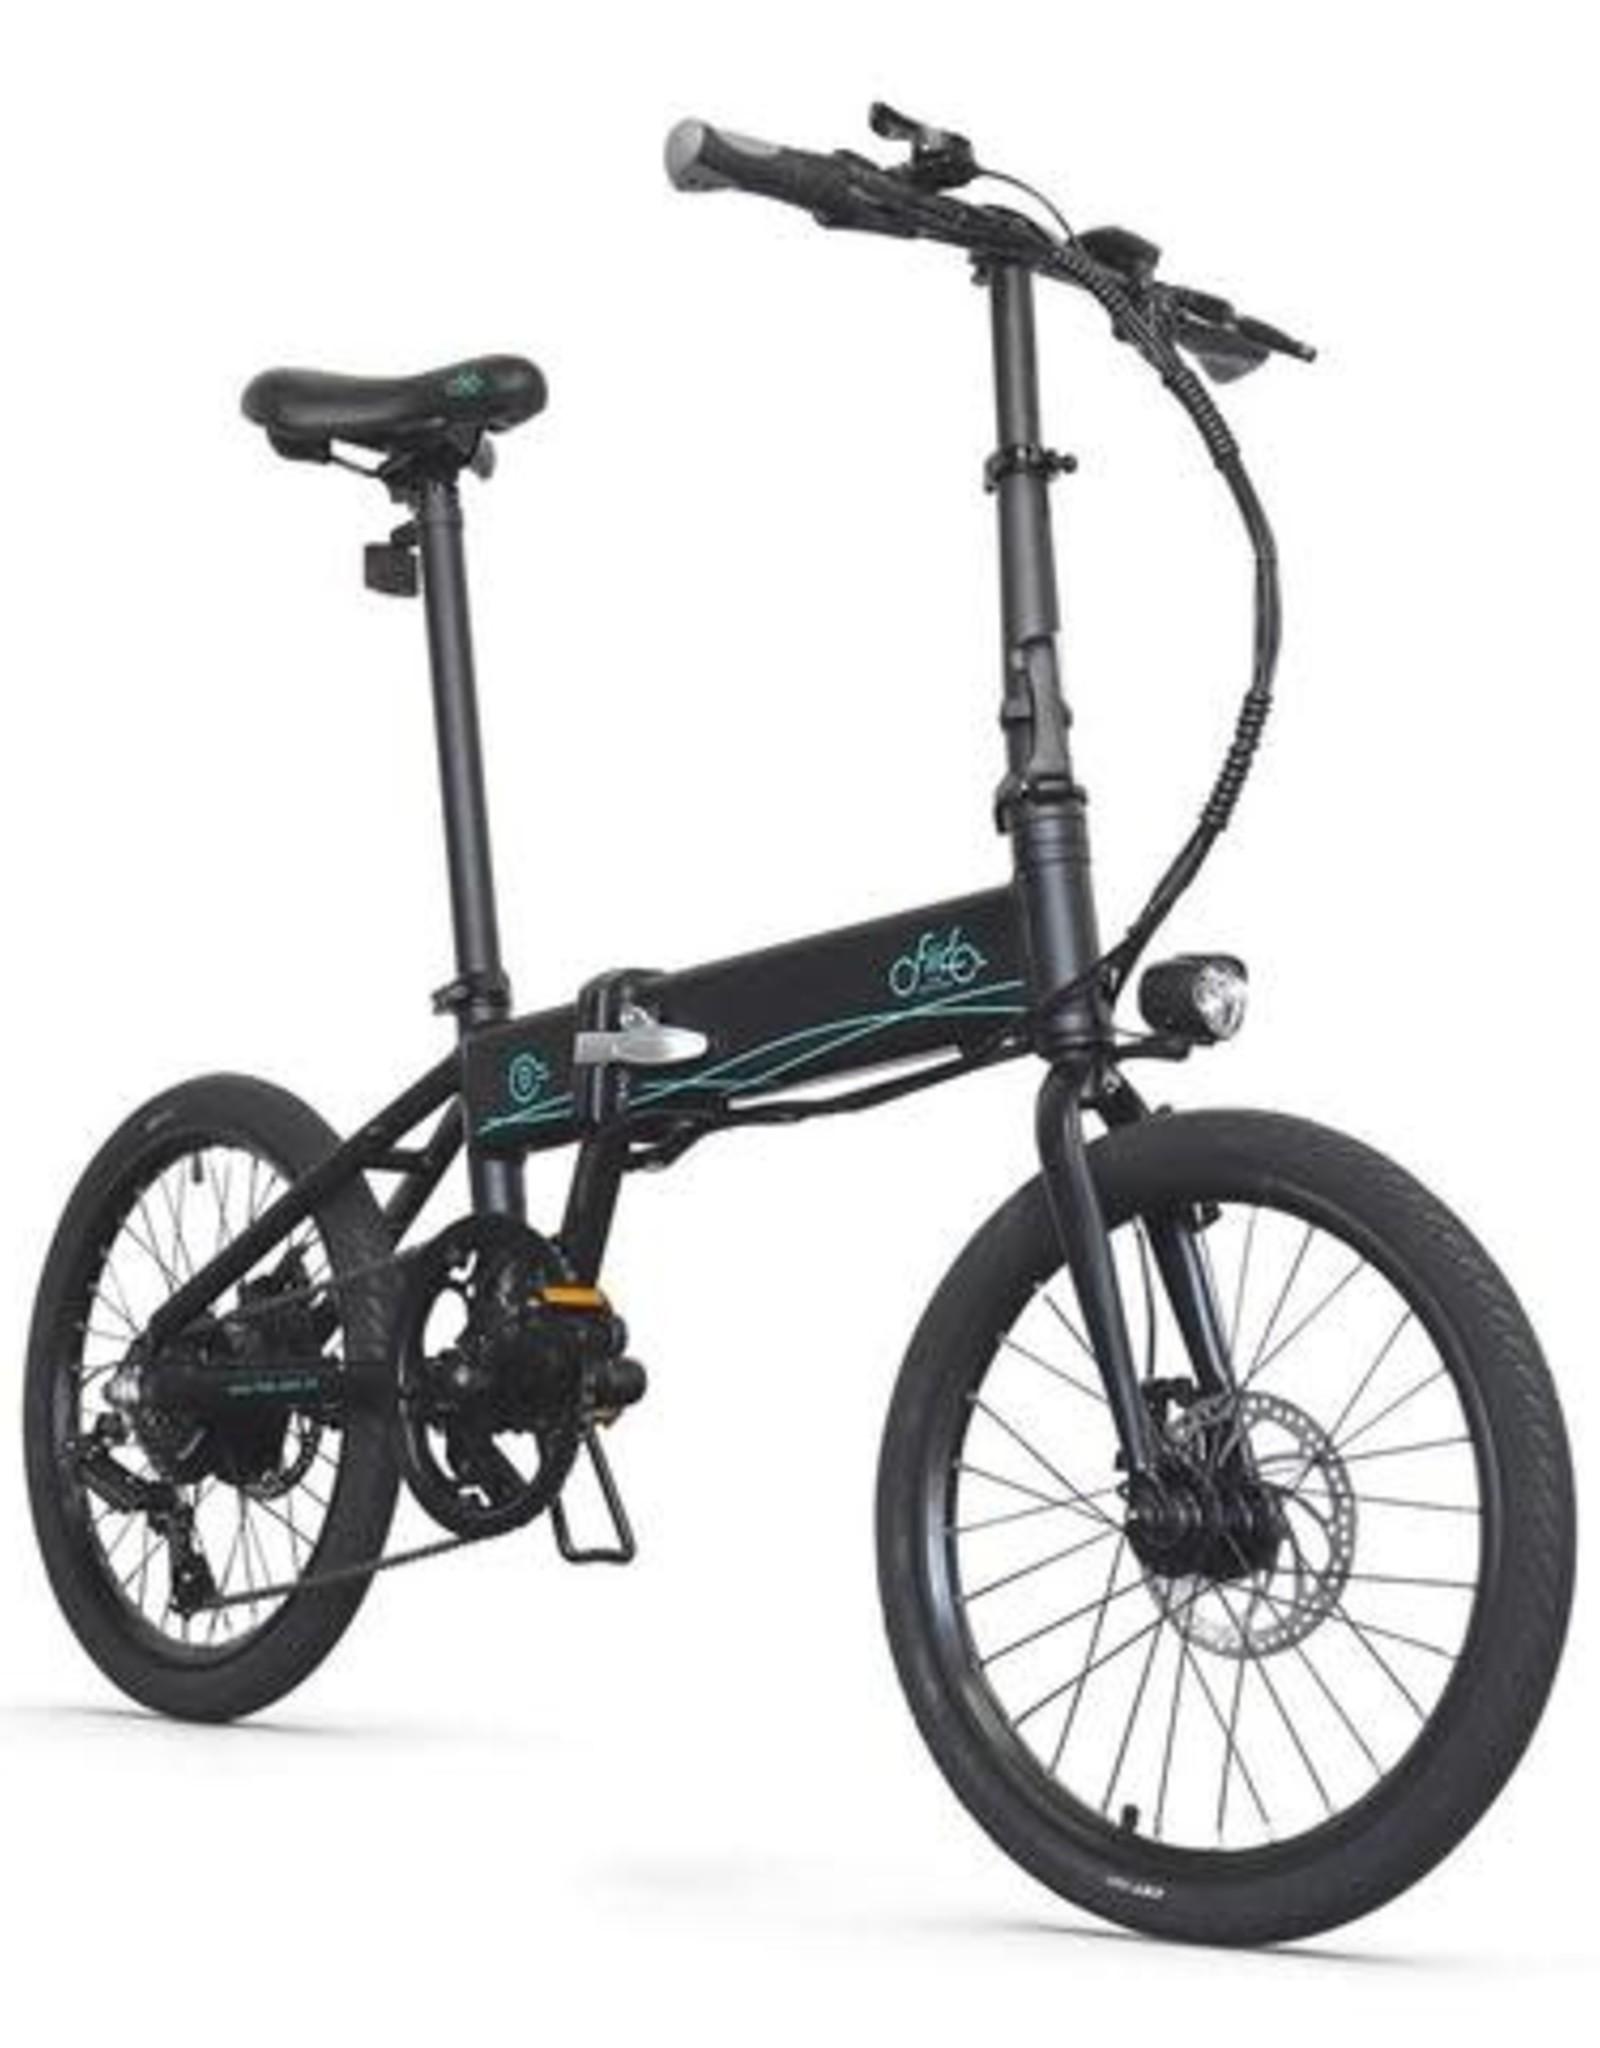 Fiido Fiido Electric Bike E-Bike 9550 - D4S*